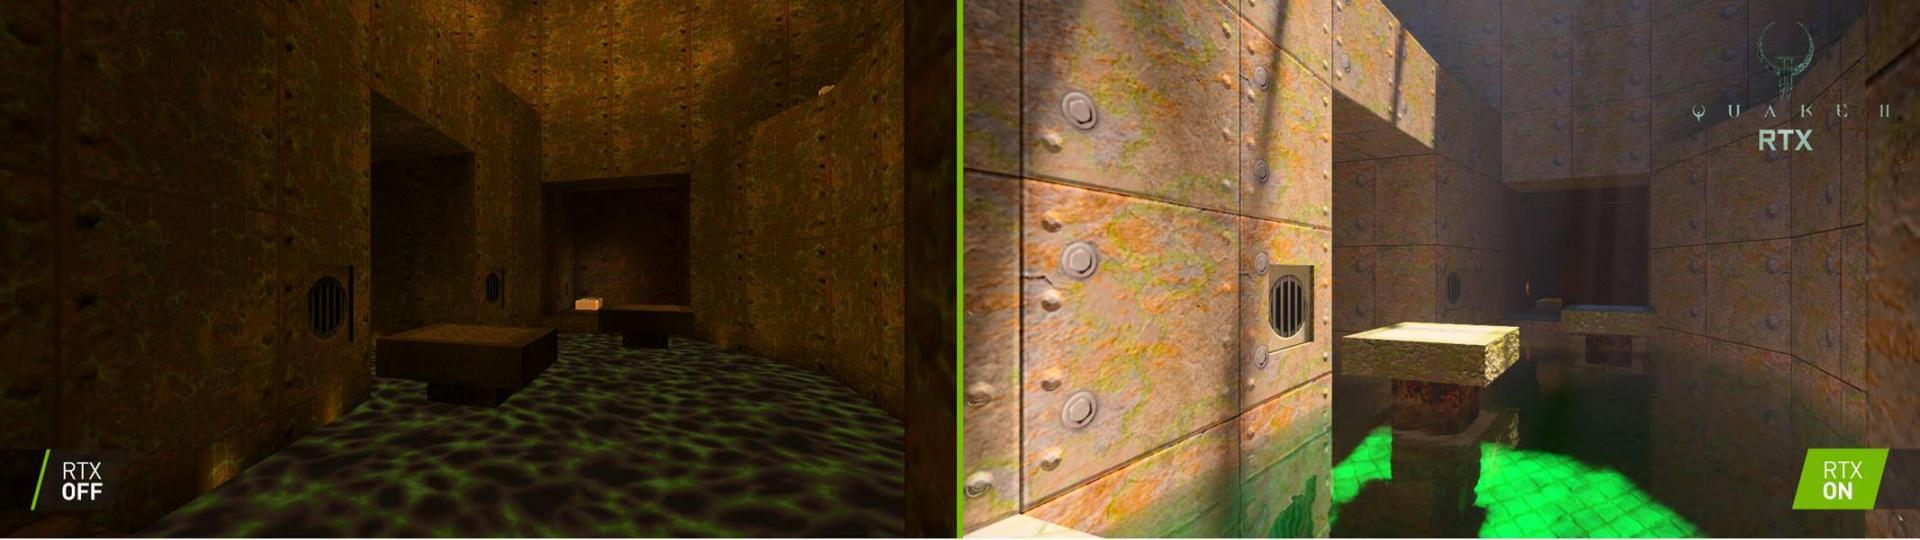 NVIDIA обновляет Quake II: даст скачать бесплатно игру страссировкой лучей